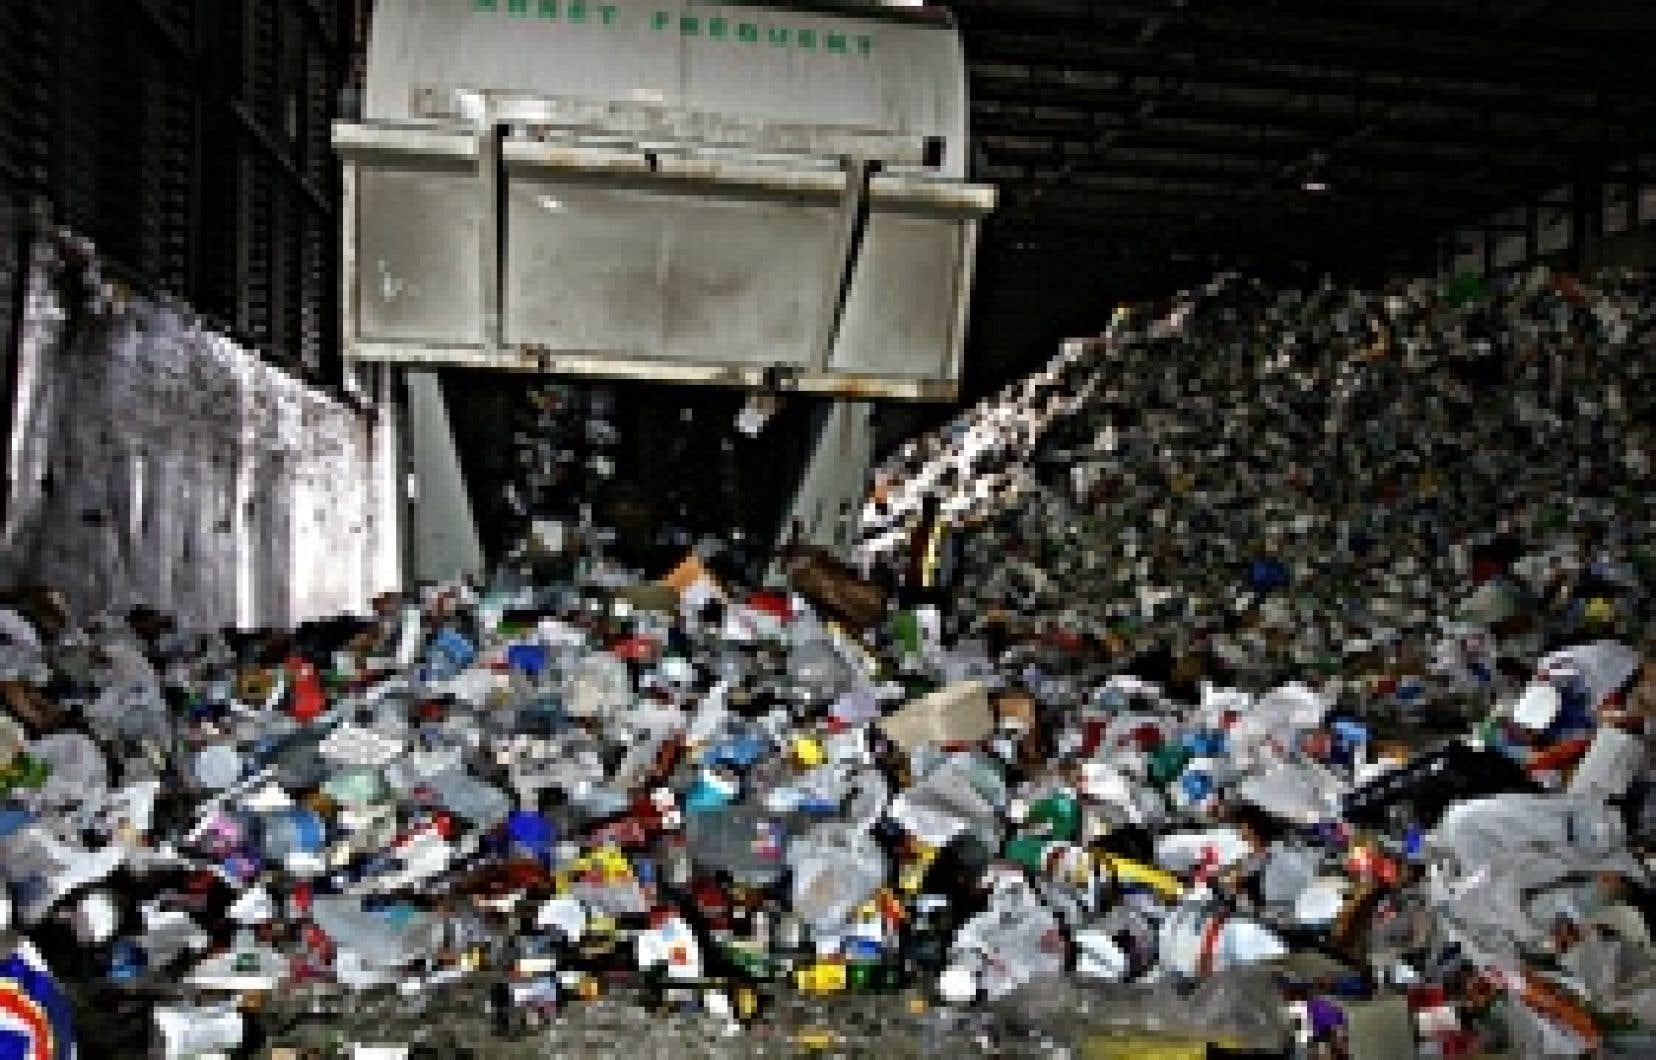 Sur le territoire de la Communauté métropolitaine de Montréal, 85 % des matières résiduelles produites sont exportées par camions pour être enfouies à l'extérieur de l'île.